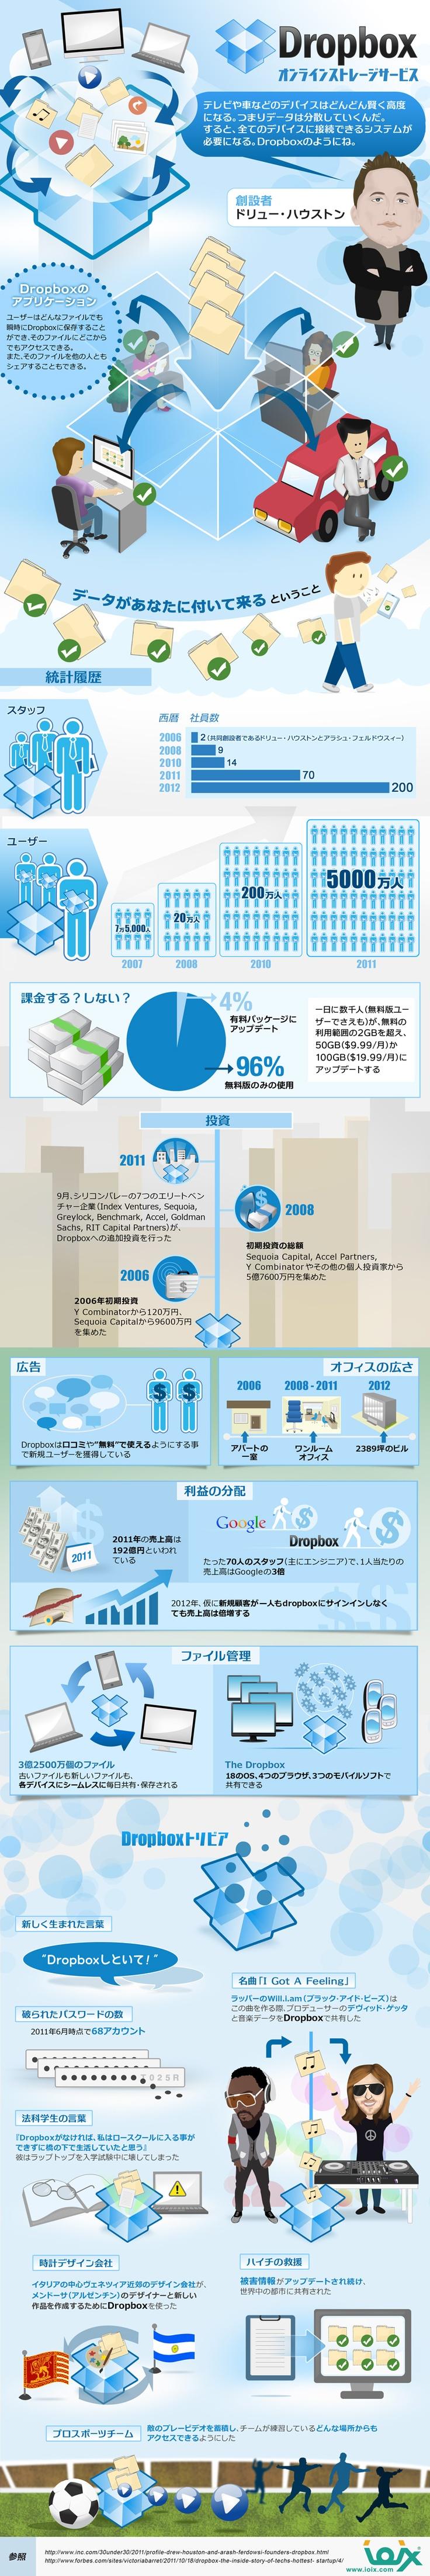 Dropboxの成功の歴史を一枚の絵にまとめたインフォグラフィック | SEO Japan